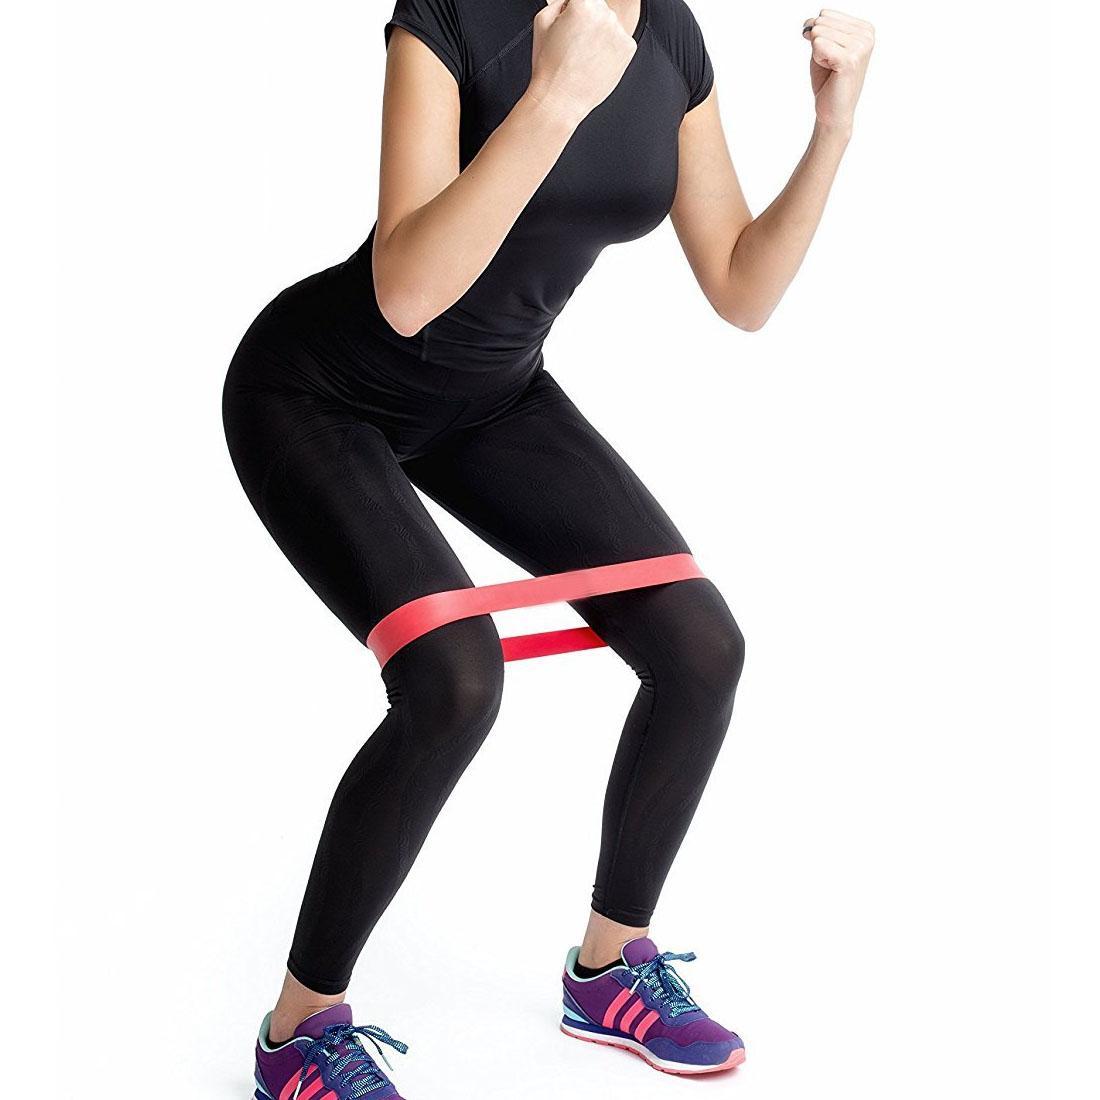 Resistencia Yoga Band Elastic Muscle Fitness Entrenamiento Pilates Bands Entrenamiento Rubber Crossfit Stretching Strap ejercicio equipo